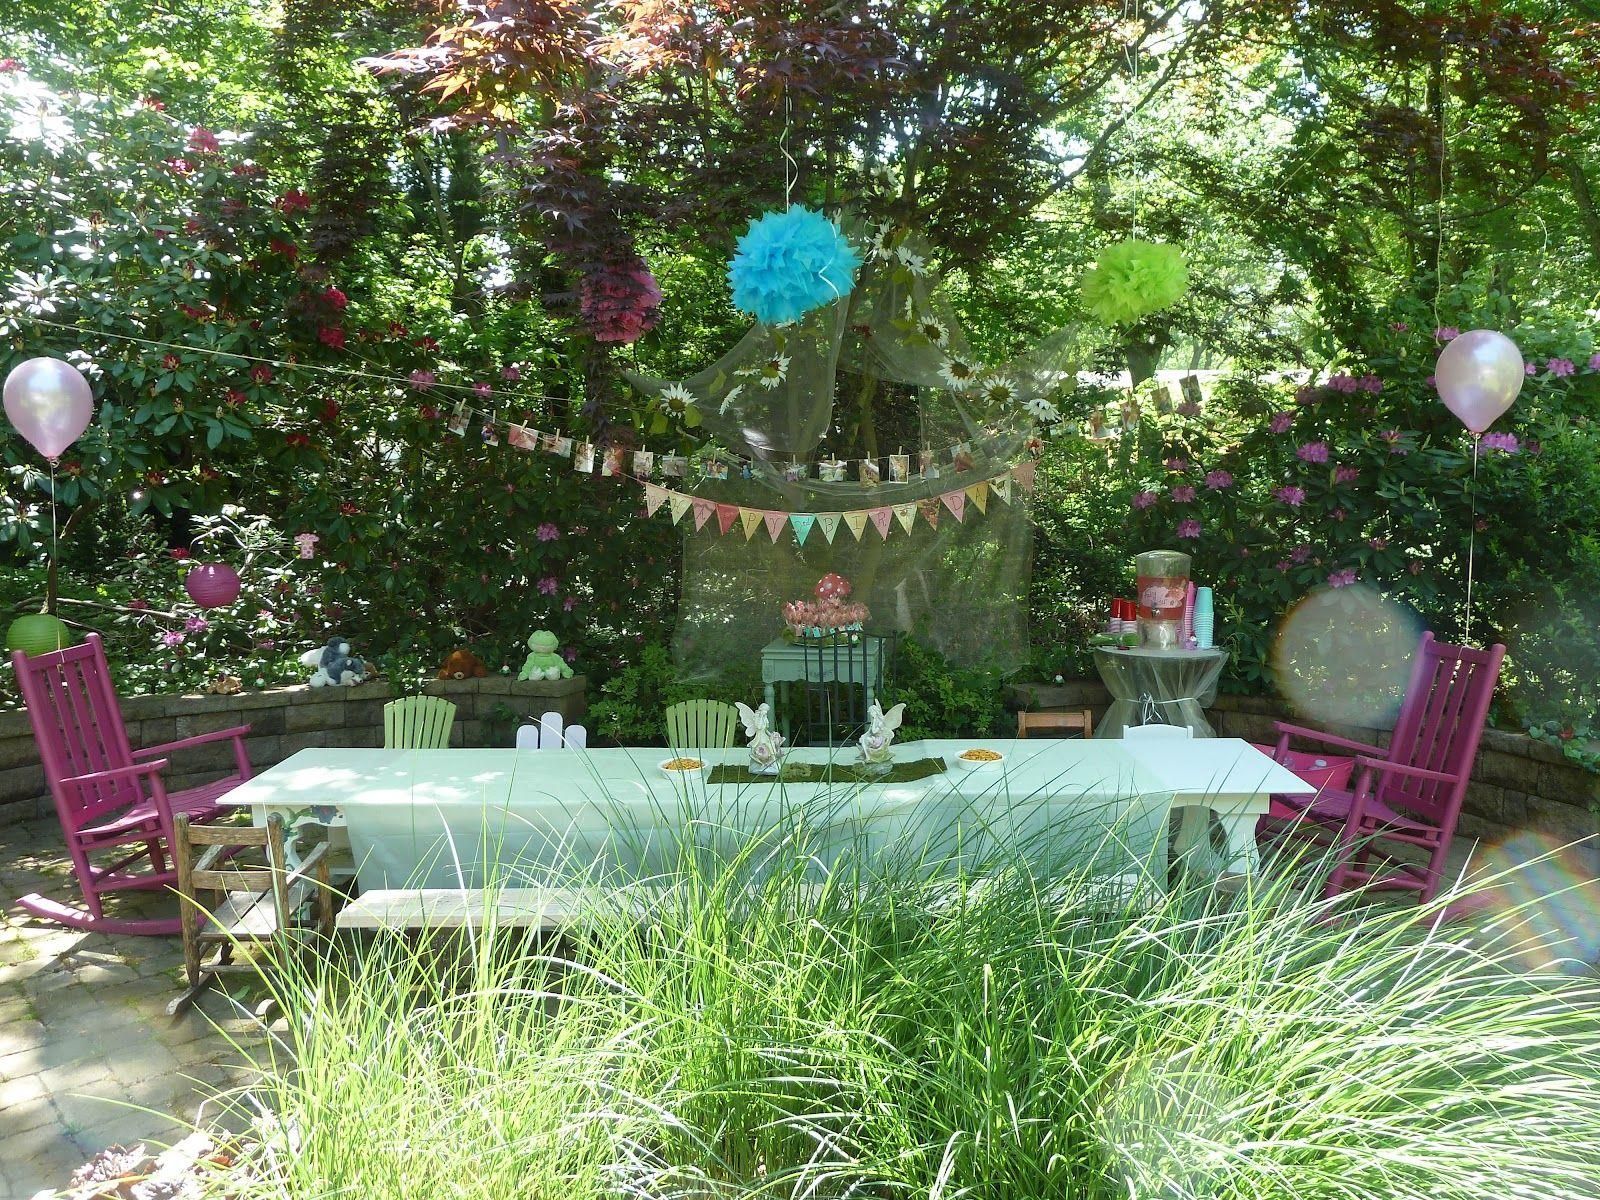 Afternoon tea Enchanted garden, Garden birthday, Magical